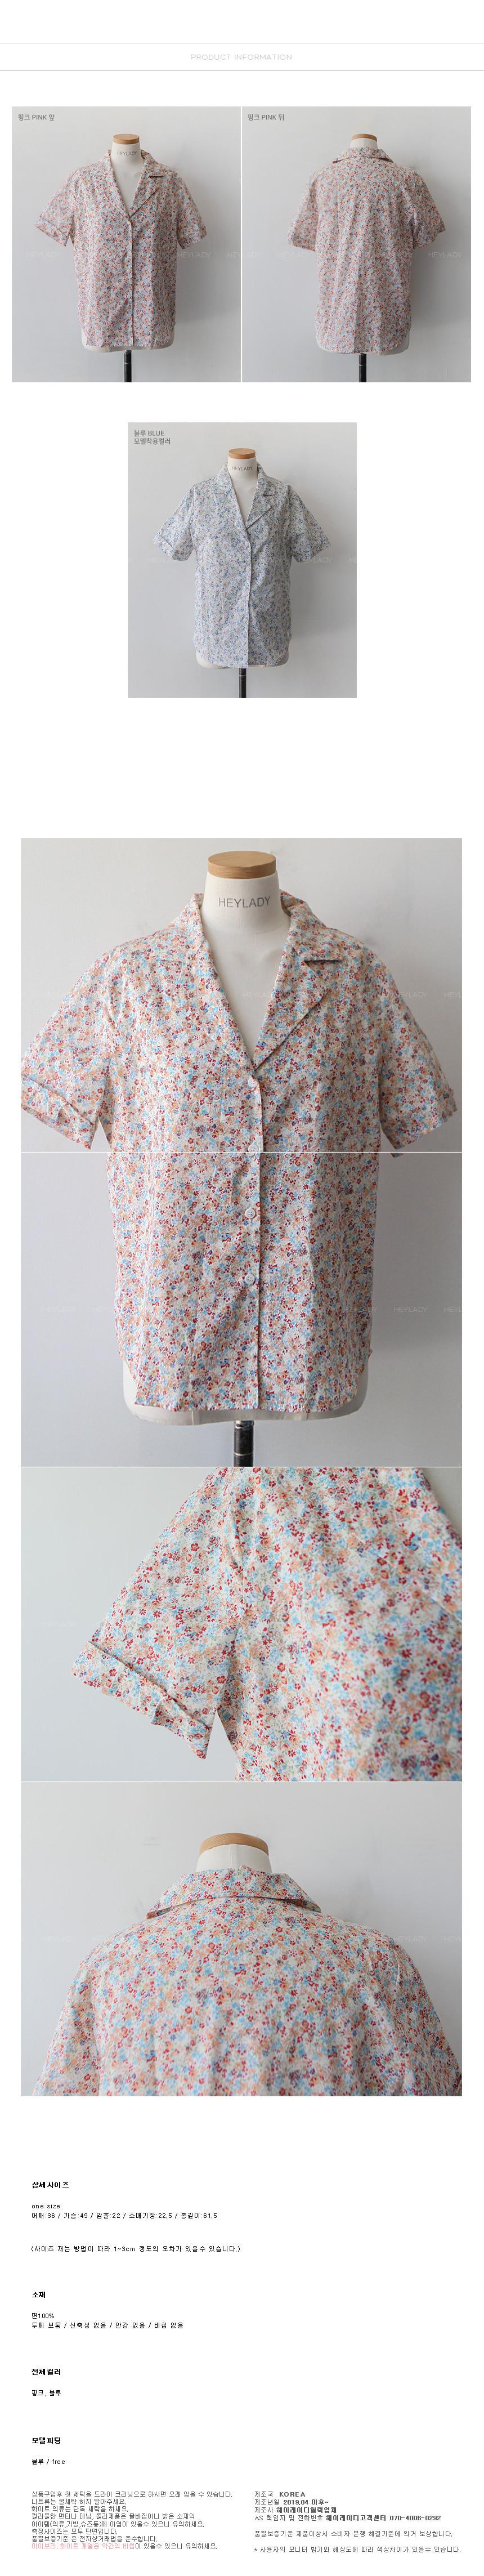 Aaron Floral Collar Shirt